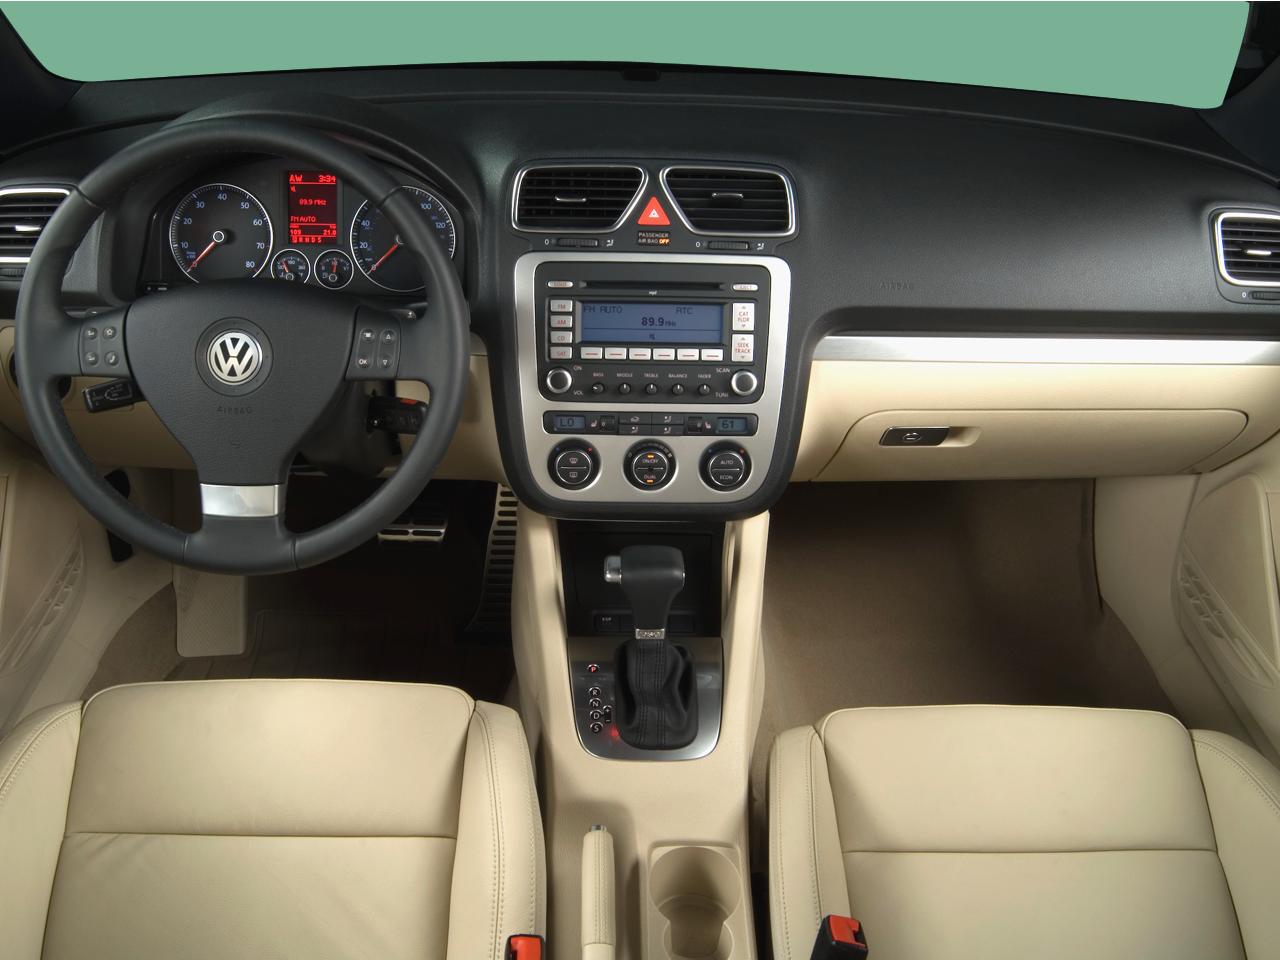 Volkswagen Eos I 2006 - 2010 Cabriolet #5